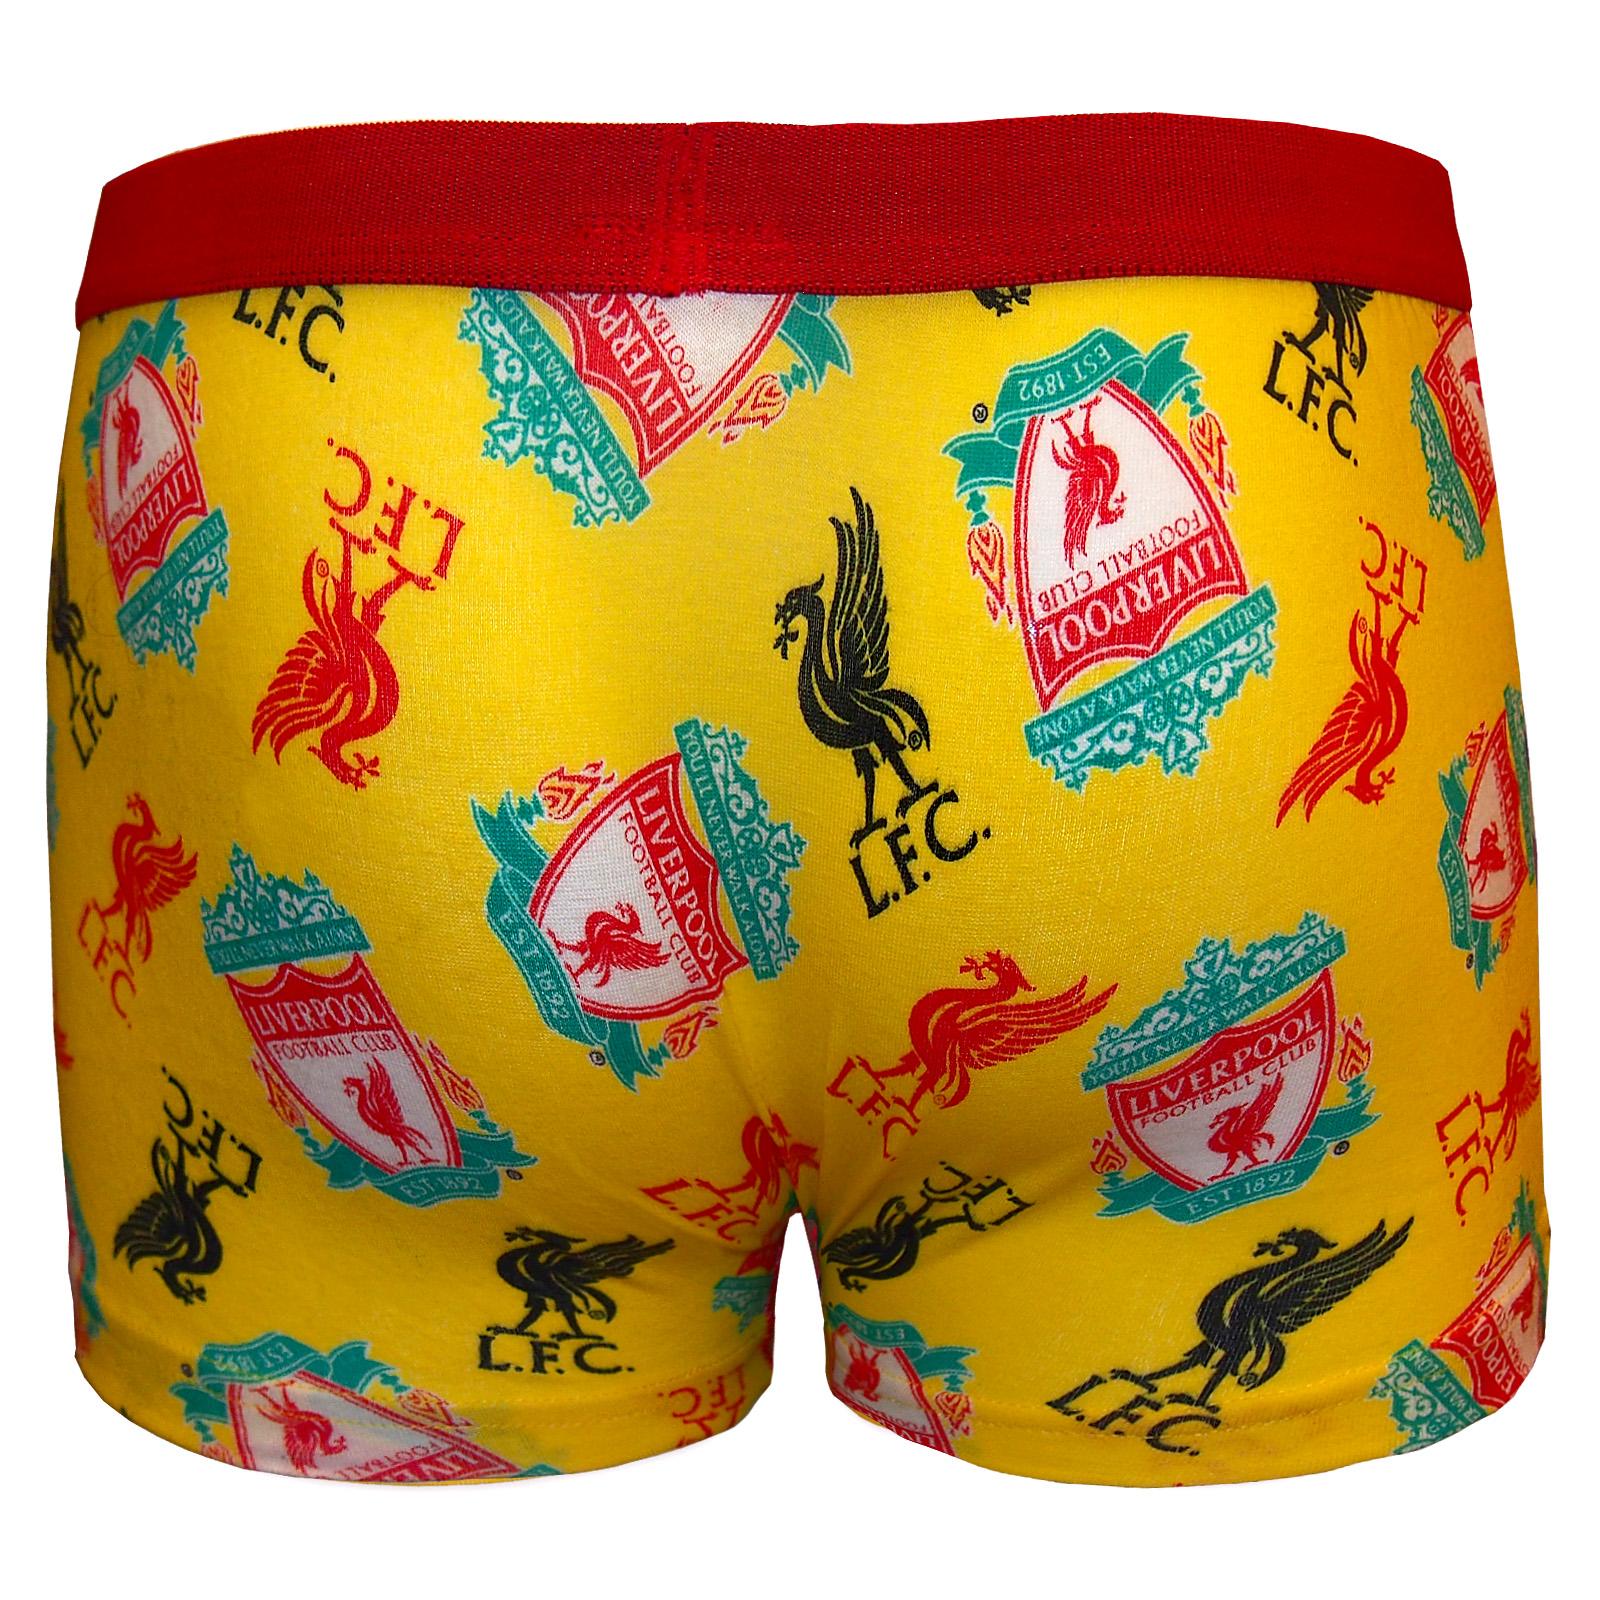 126c157af2b70 Liverpool FC - Calzoncillos oficiales de estilo bóxer - Para niños ...